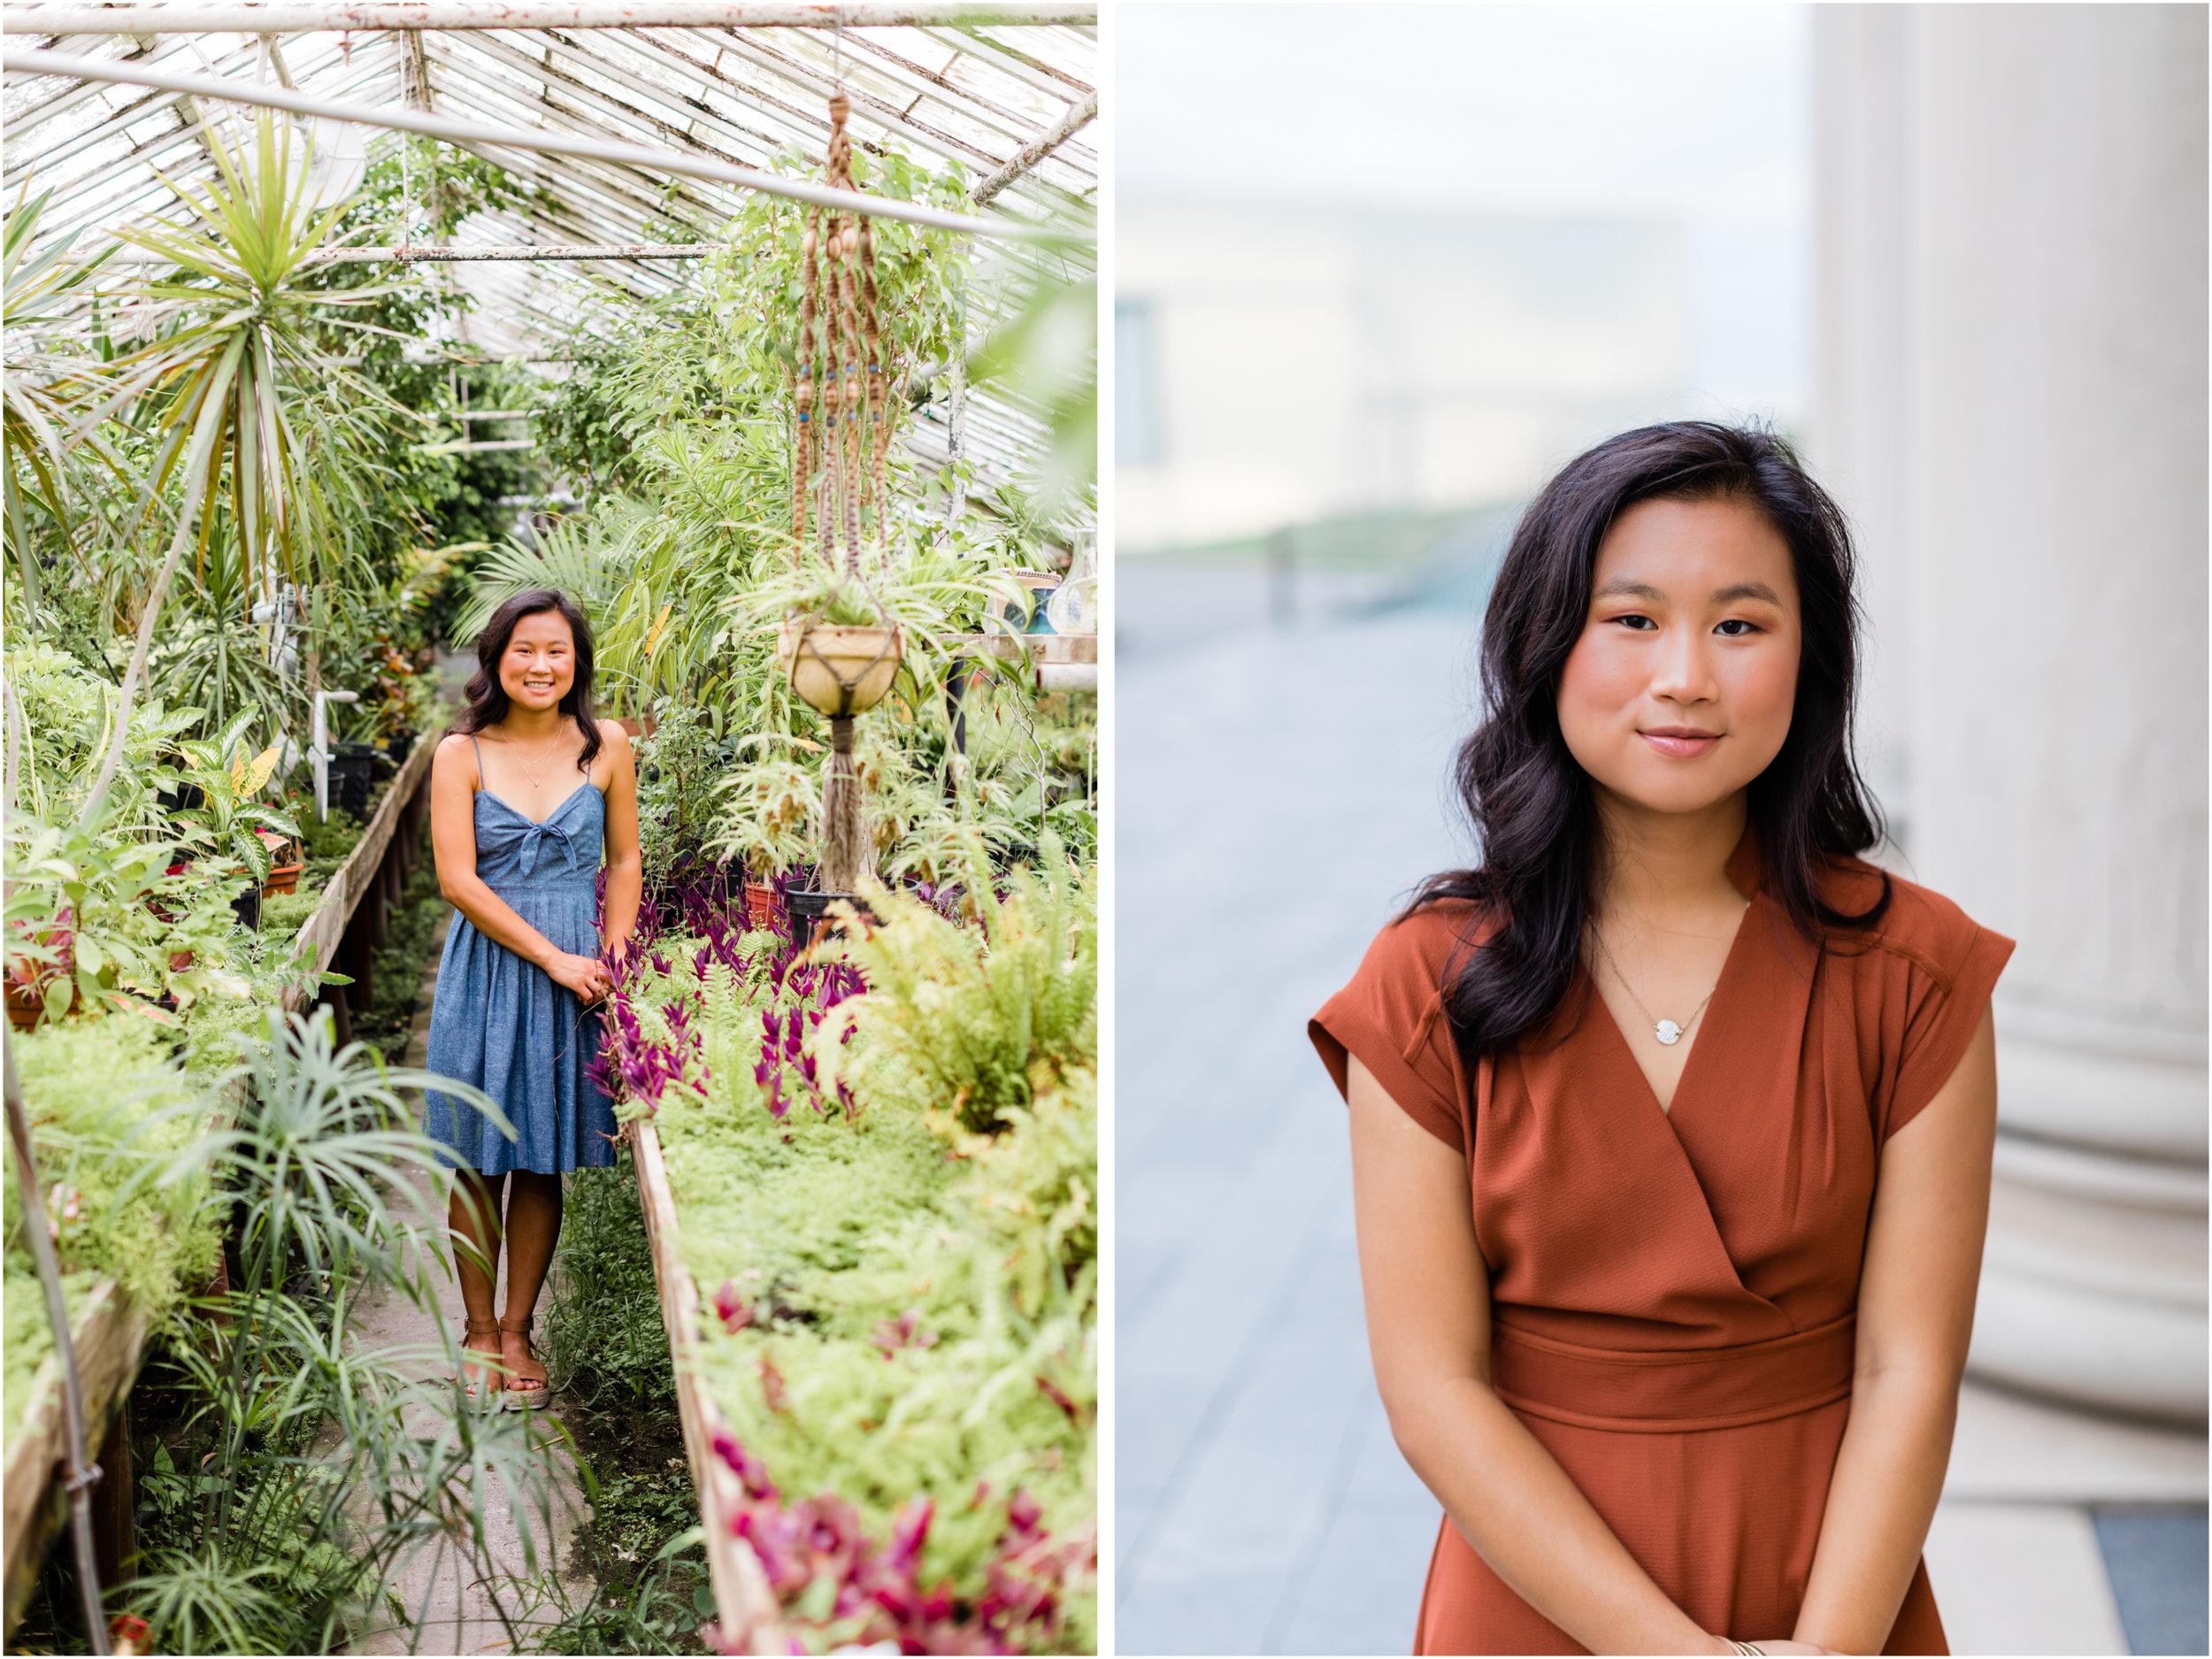 kansas city greenhouse senior photos 4.jpg